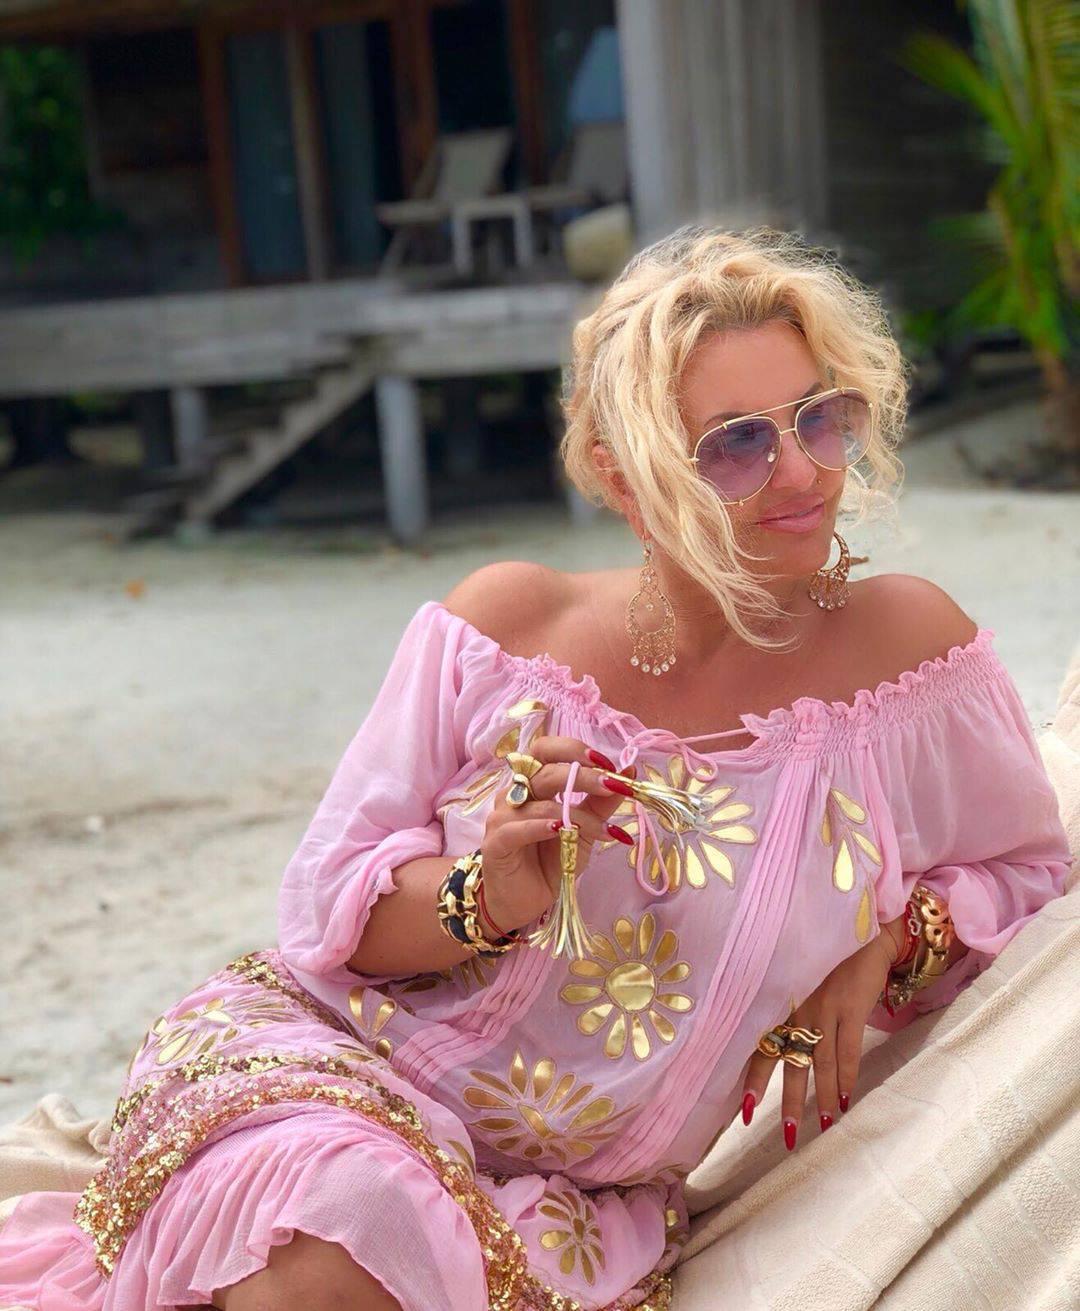 Dagmara Kaźmierska w różowej sukience na plaży